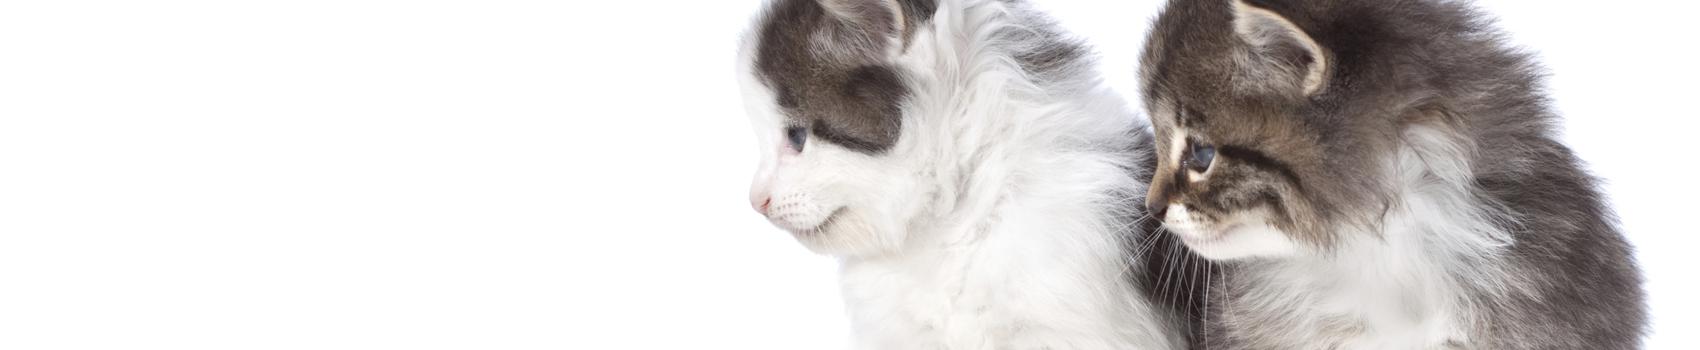 fédération féline française des chats -04